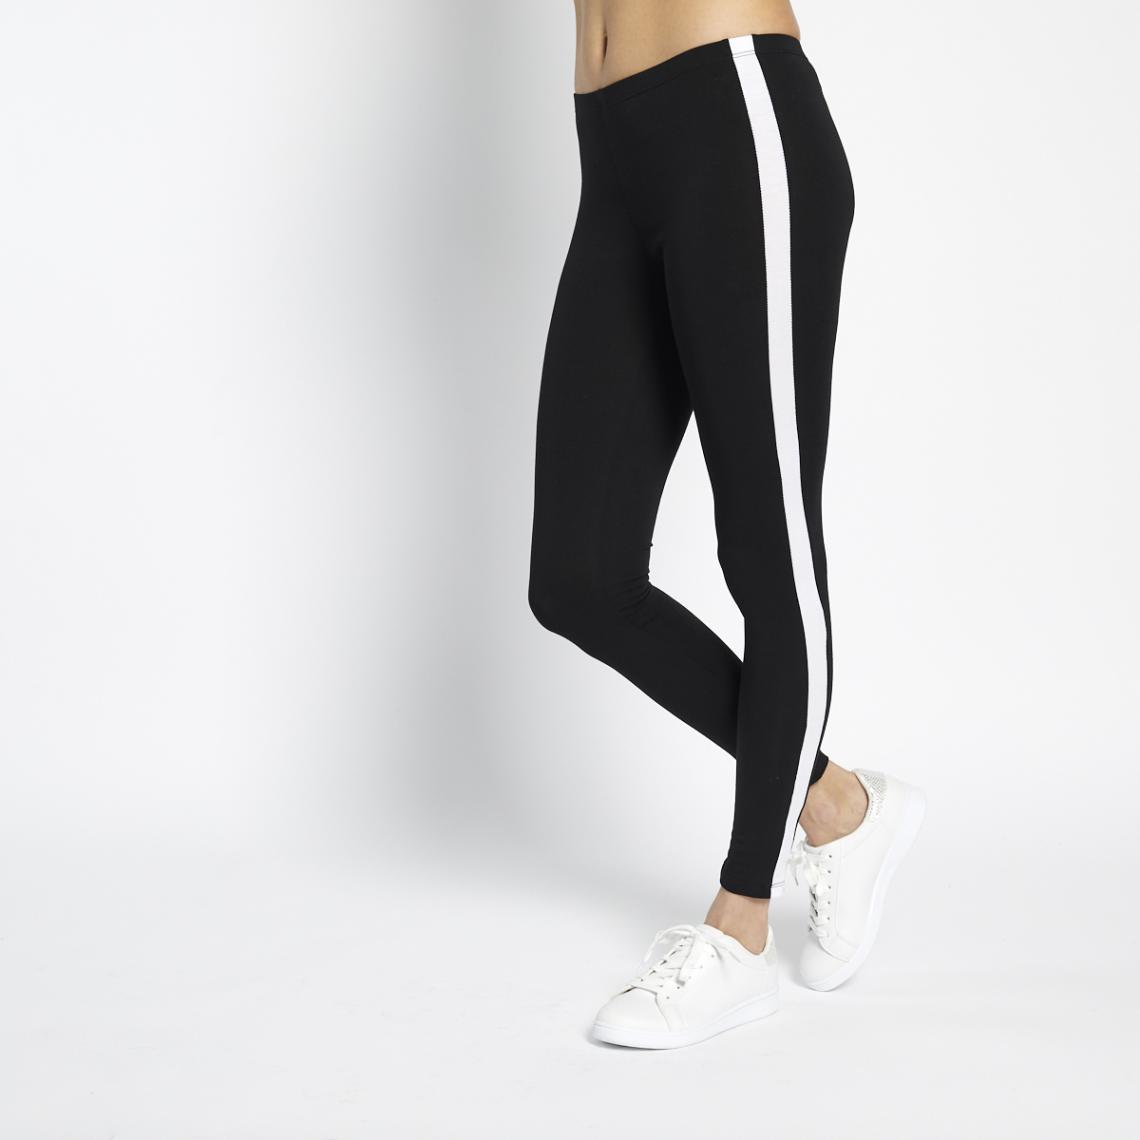 119 pantalon court Femmes Jeans femmes hanche Hot pants shorts pantie taille 34//xs-42//xl